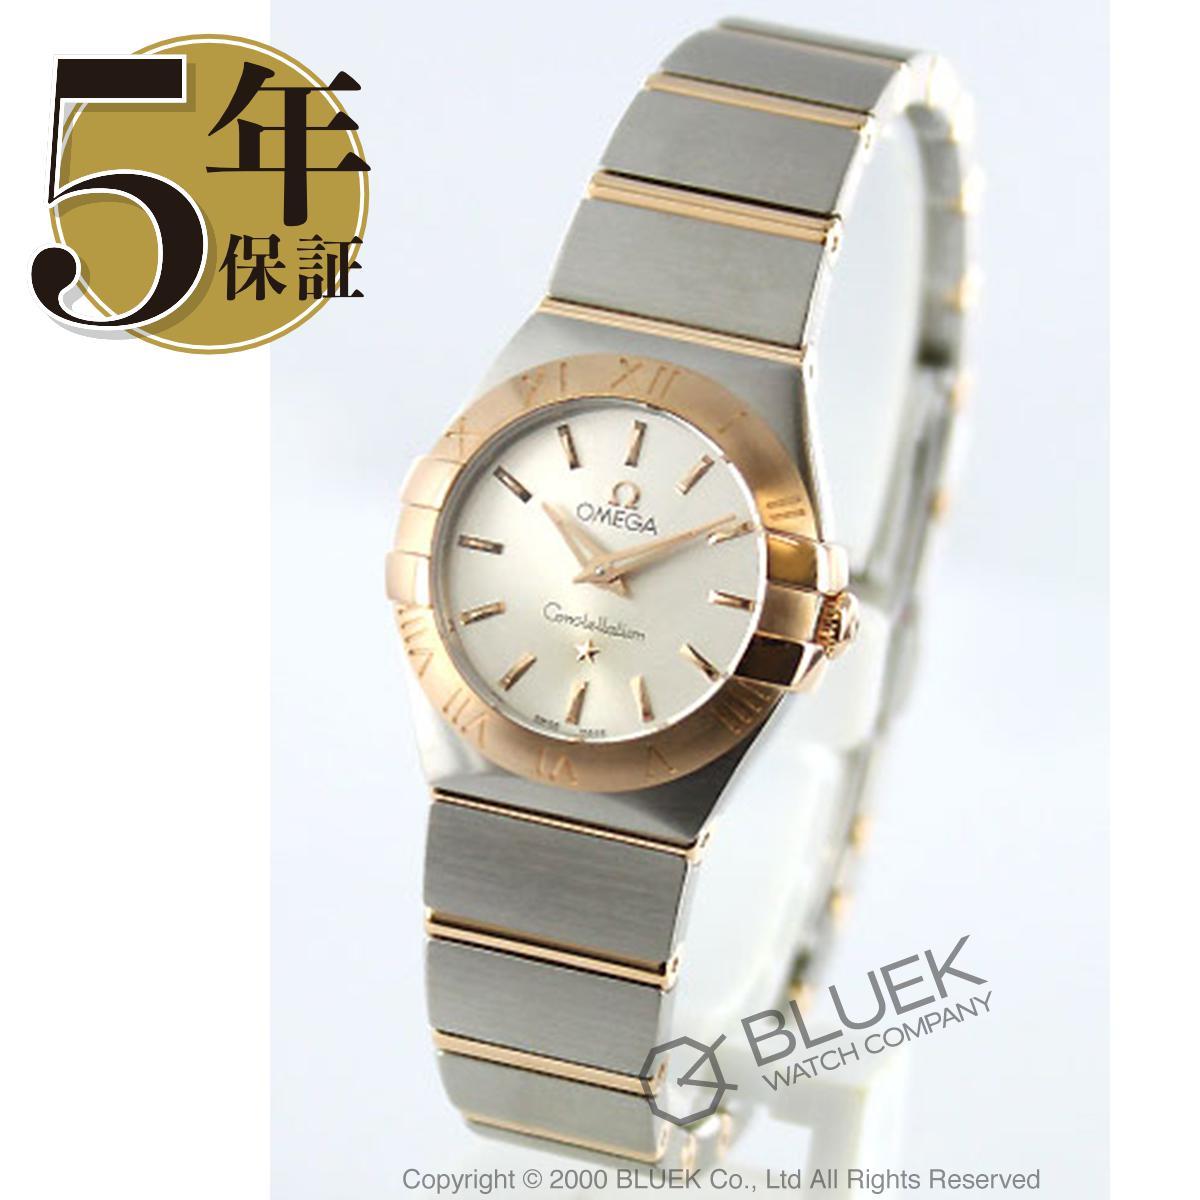 070556517267 オメガ OMEGA 腕時計 コンステレーション ブラッシュ レディース 123.20.24.60.02.001_8